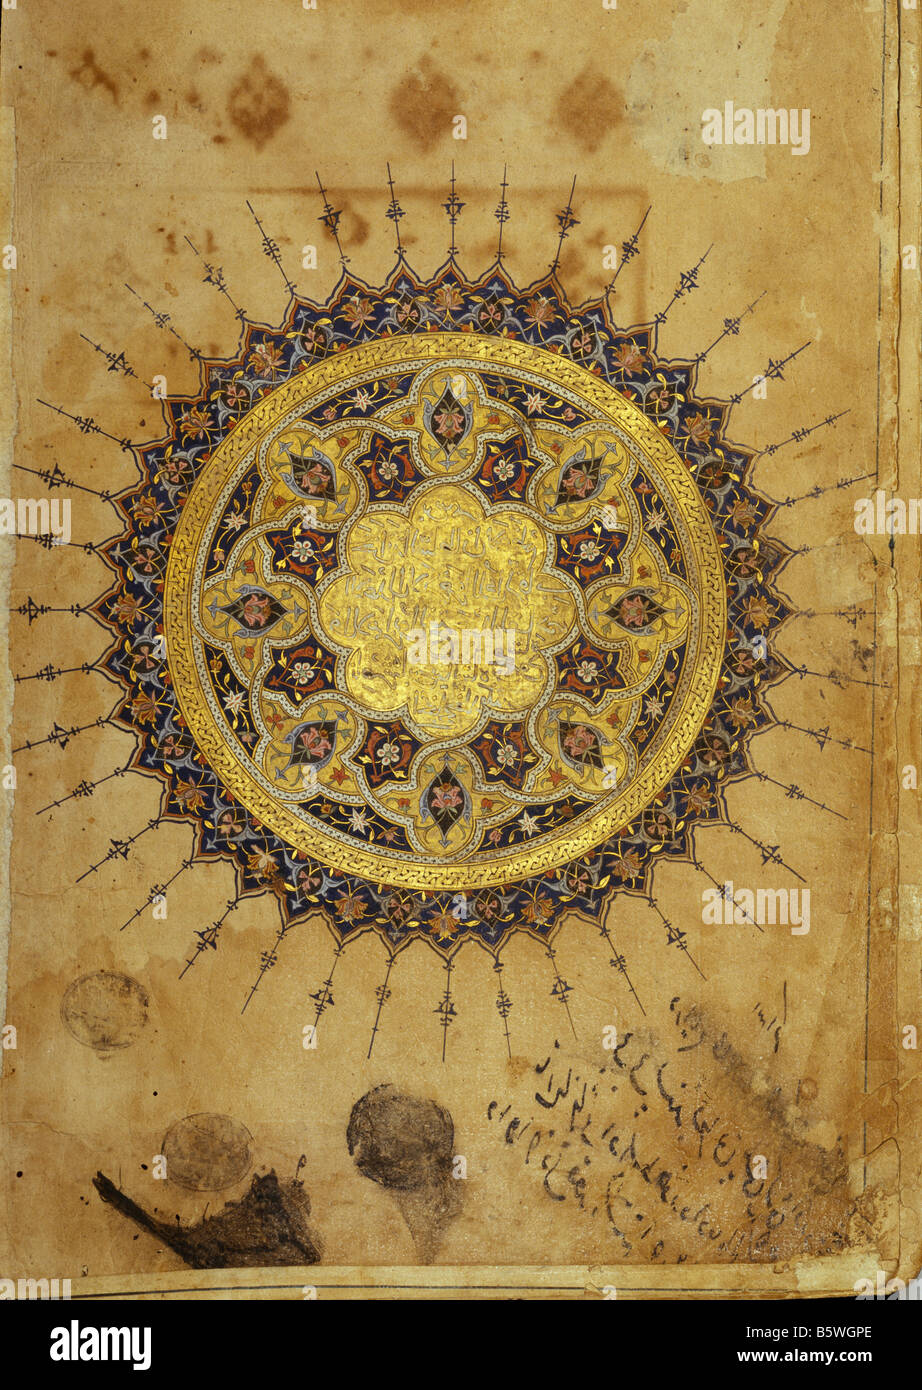 Fly-foglia di Bustan-i-Sadi islamica illustrazione del libro scritto: realizzato per Nasir Shah Khilji di Mandu Immagini Stock